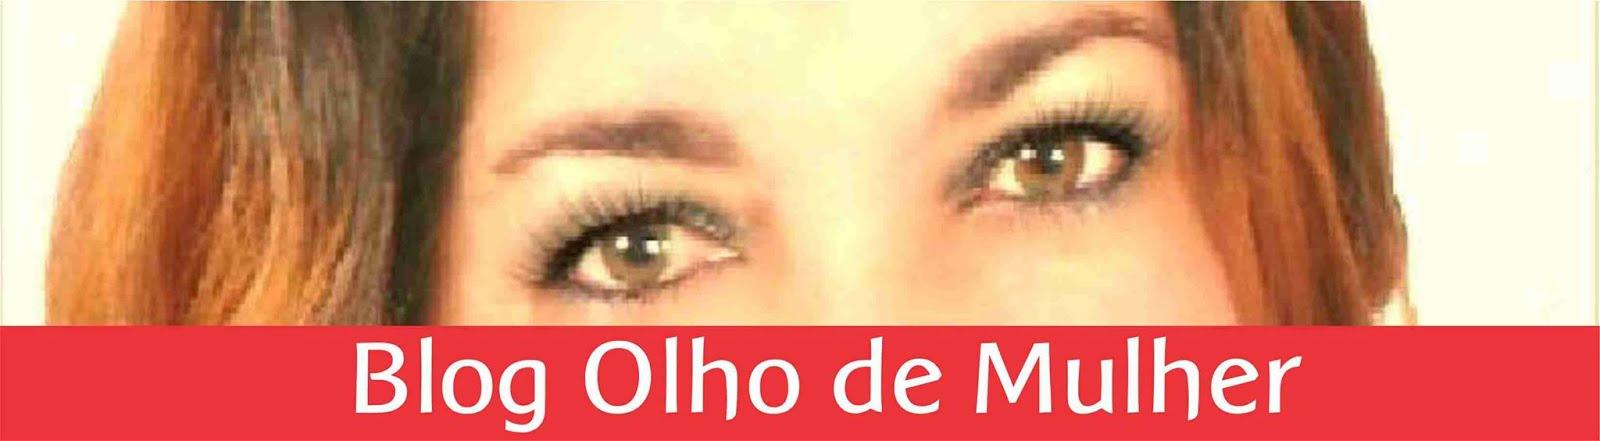 Blog OIho de Mulher